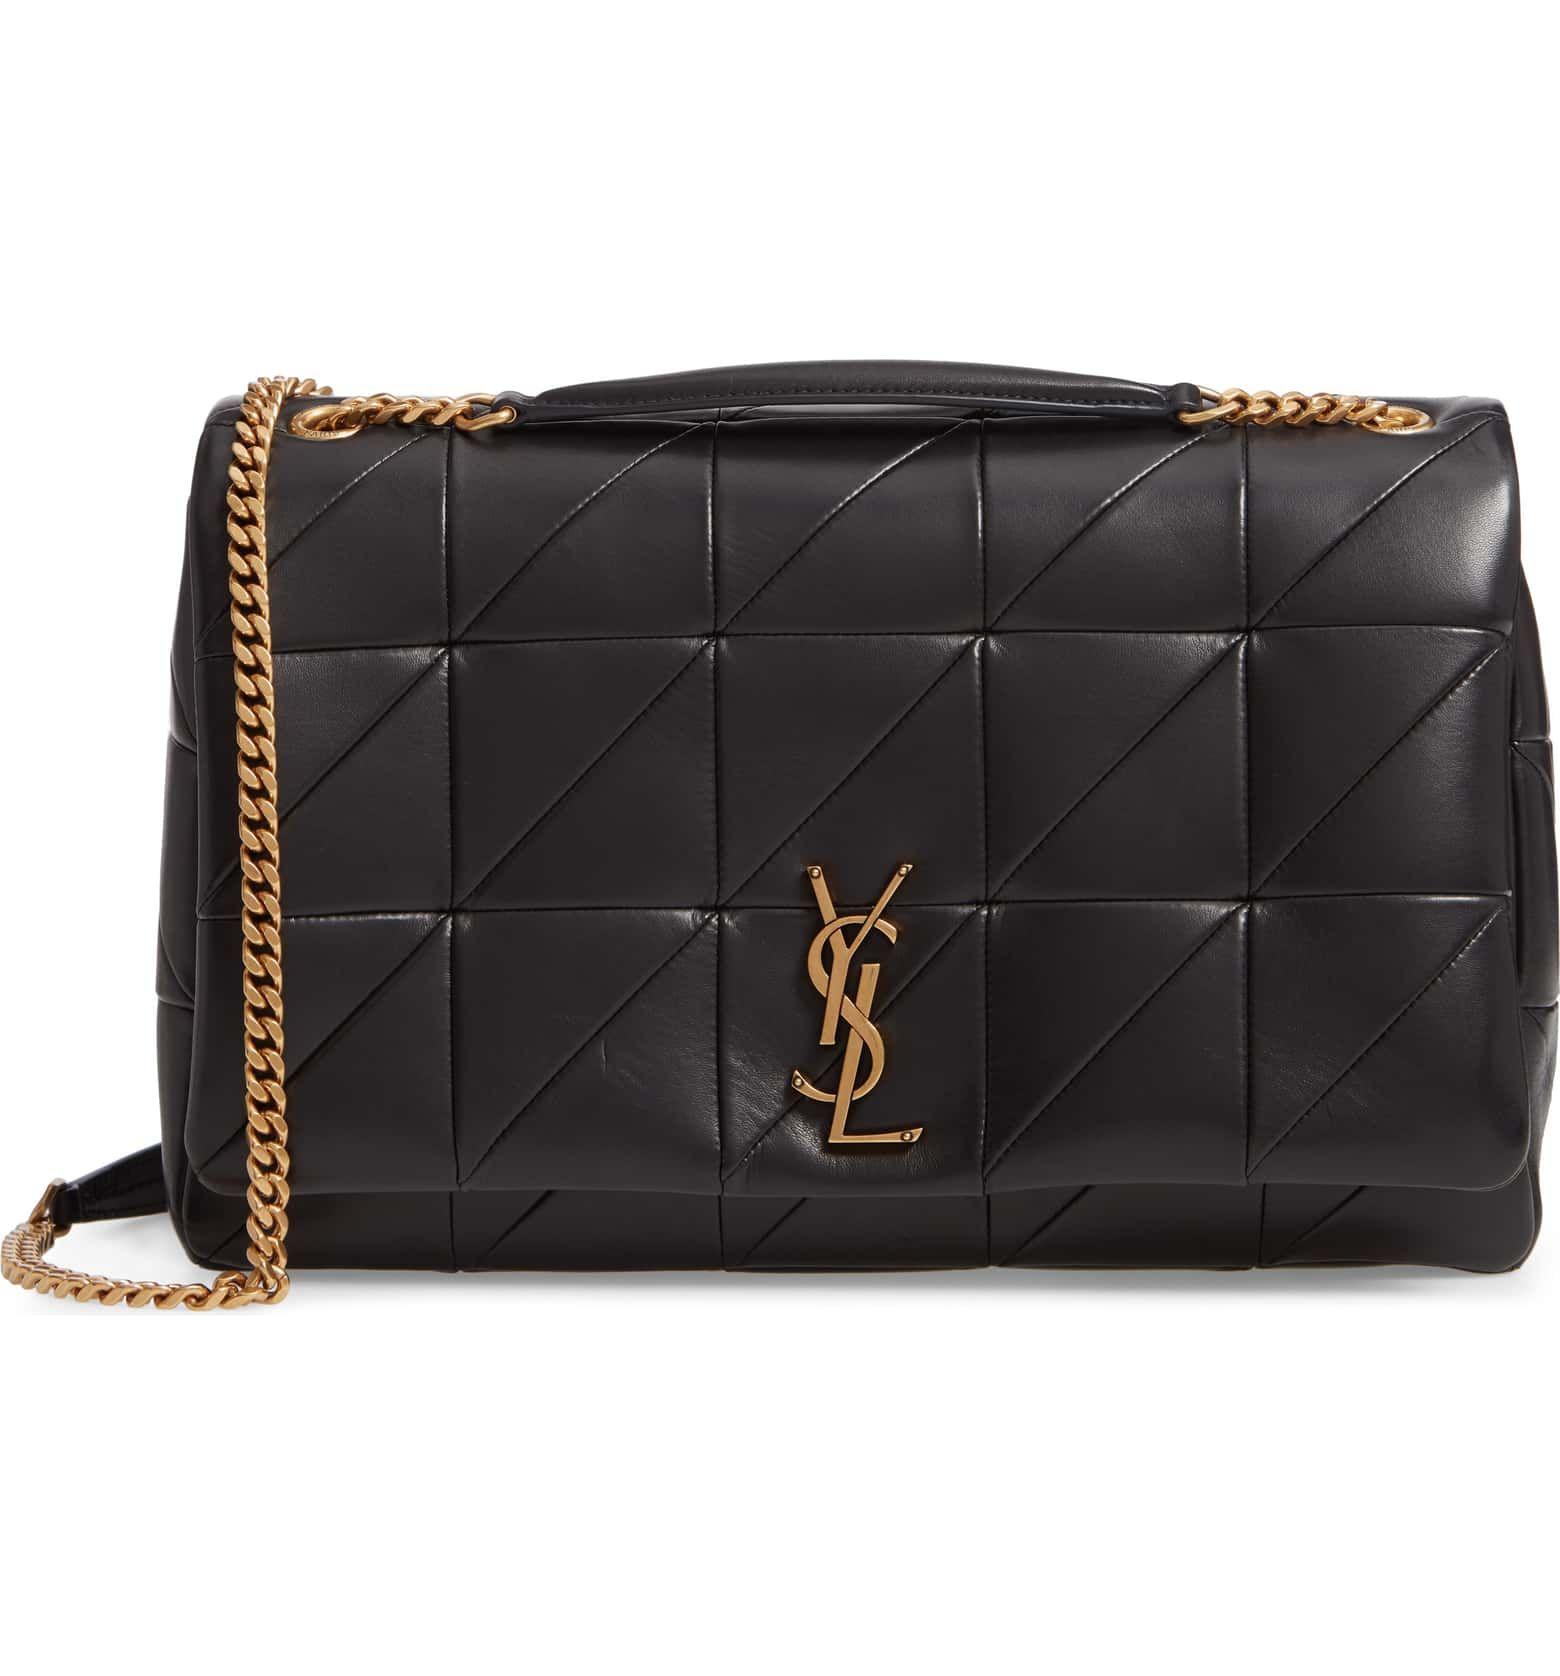 b6a19d37e5b Saint Lauren Large Jamie Patchwork Leather Shoulder Bag, Main, color, NOIR